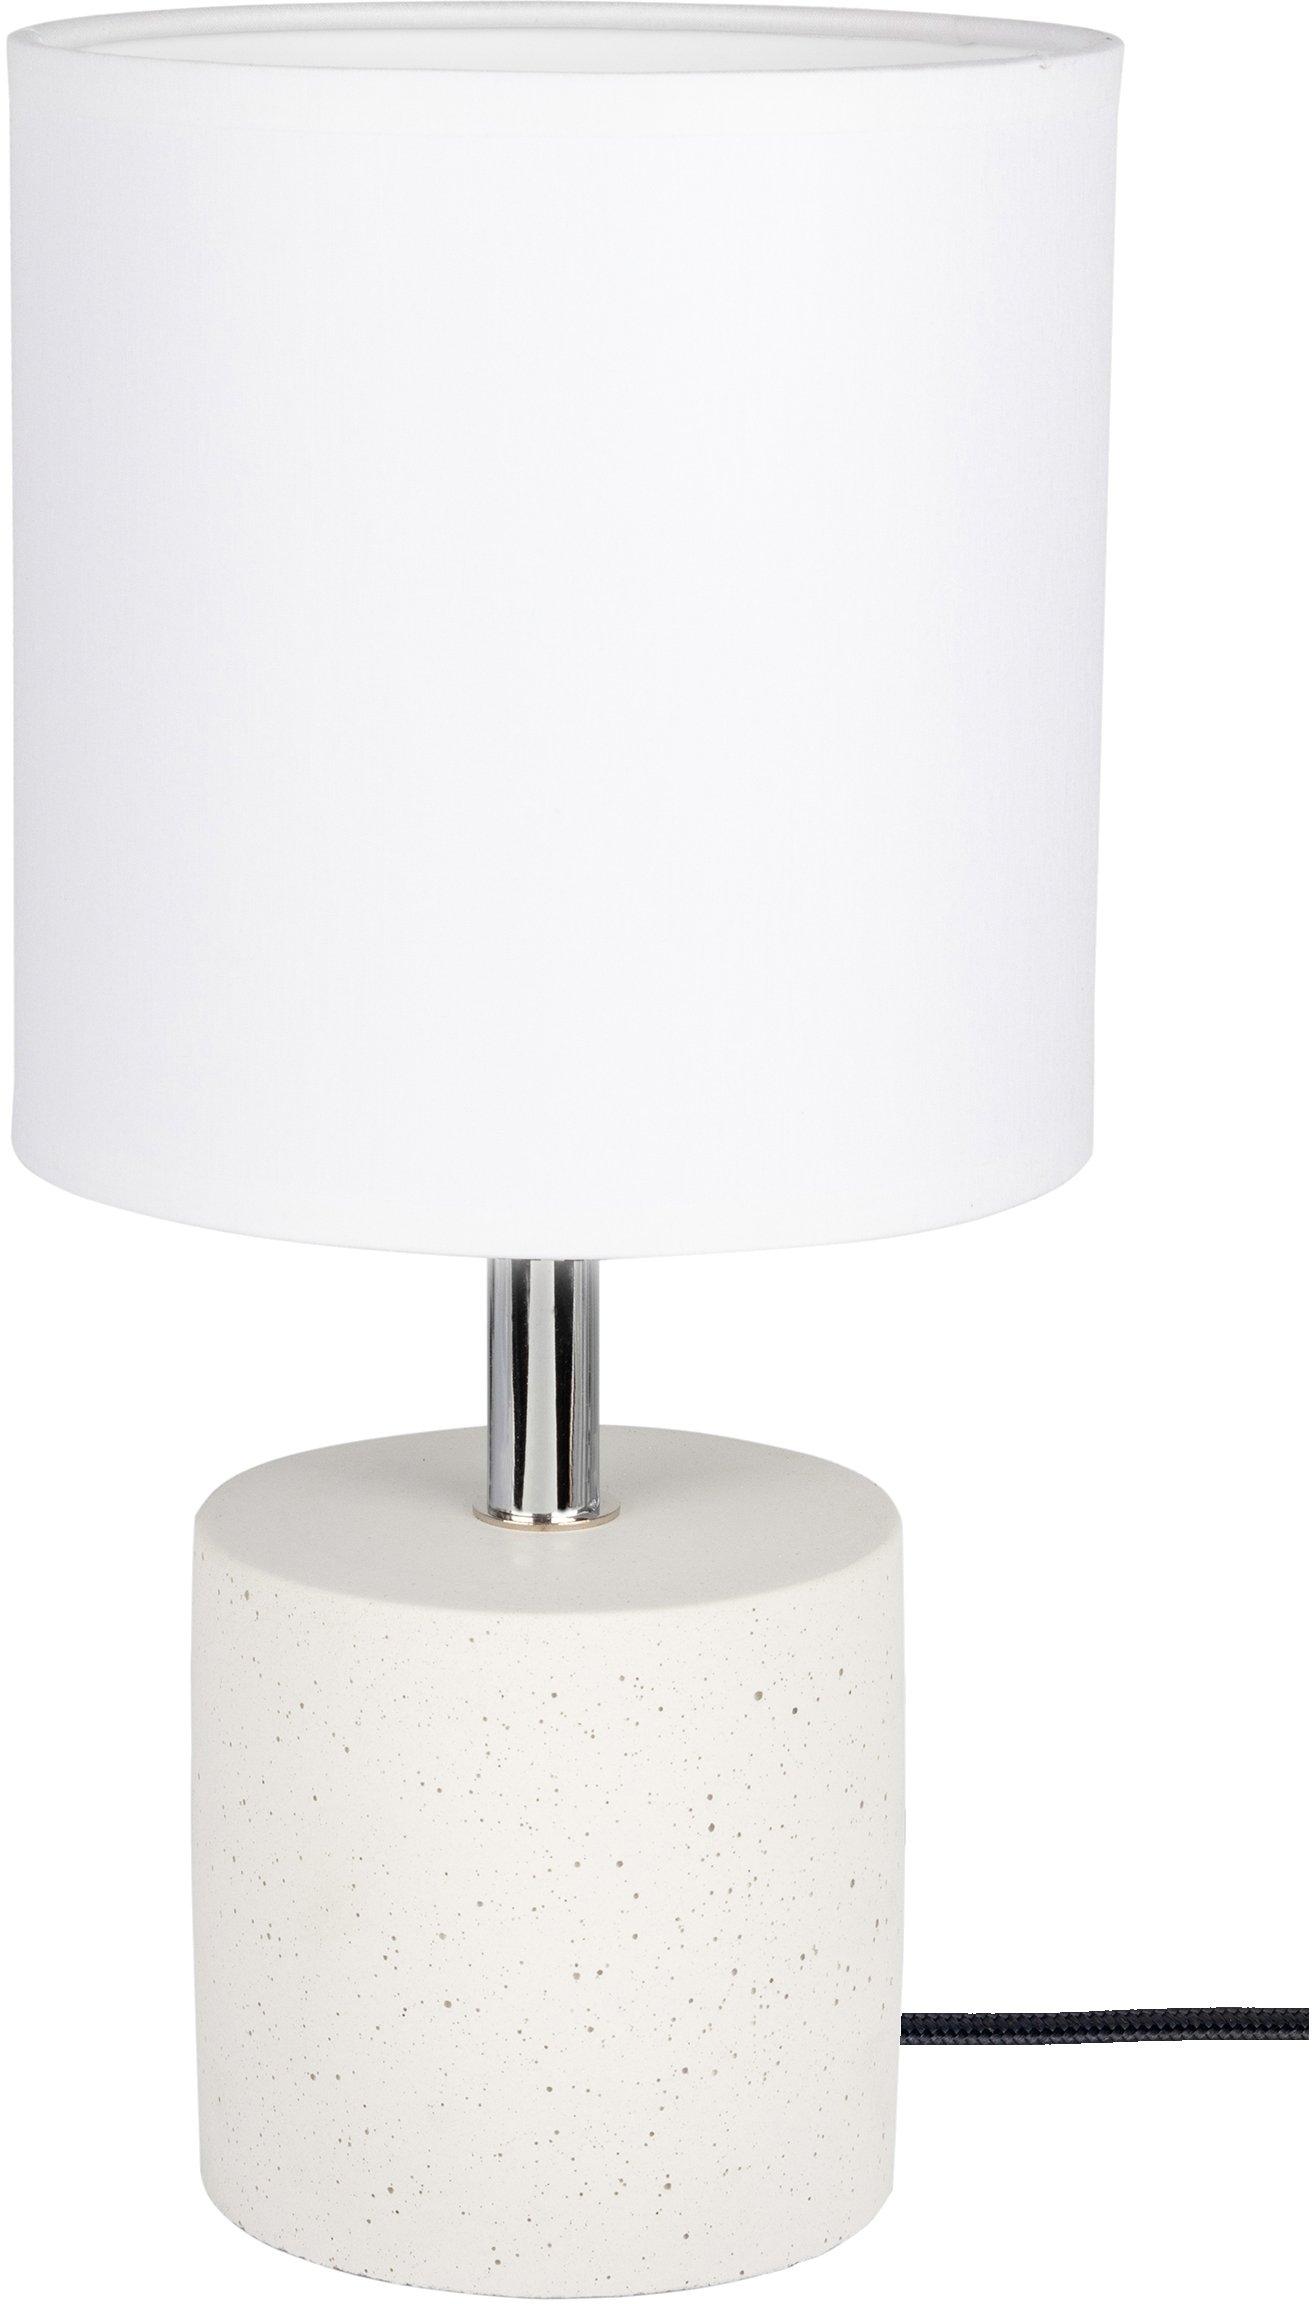 SPOT Light Tafellamp Strong Echt beton - met de hand gemaakt, natuurproduct - duurzaam, lampenkap van stof, Made in Europe (1 stuk) - gratis ruilen op otto.nl